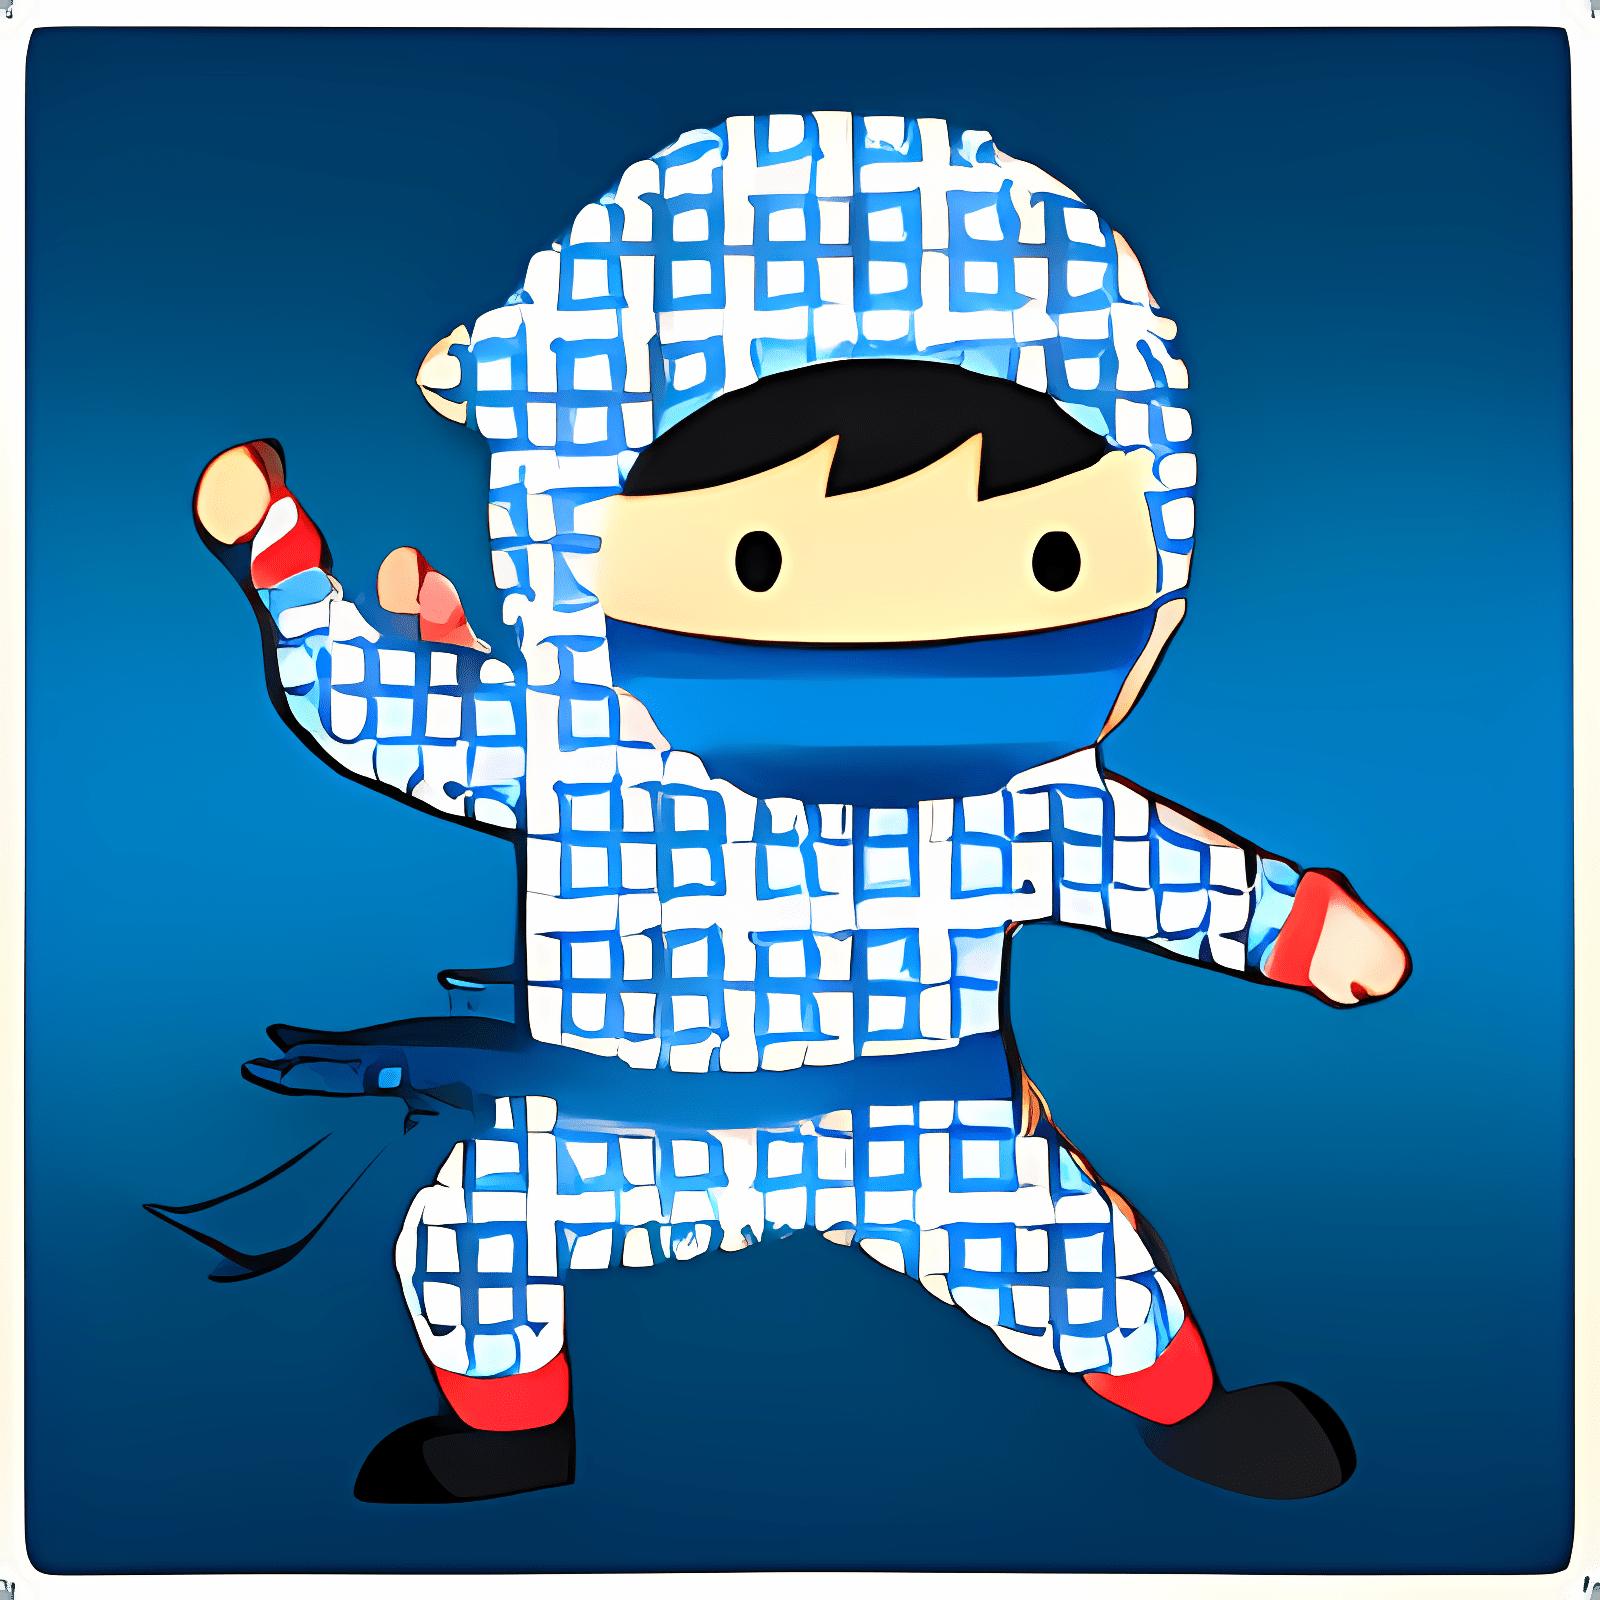 Ninja run : Last subway rider